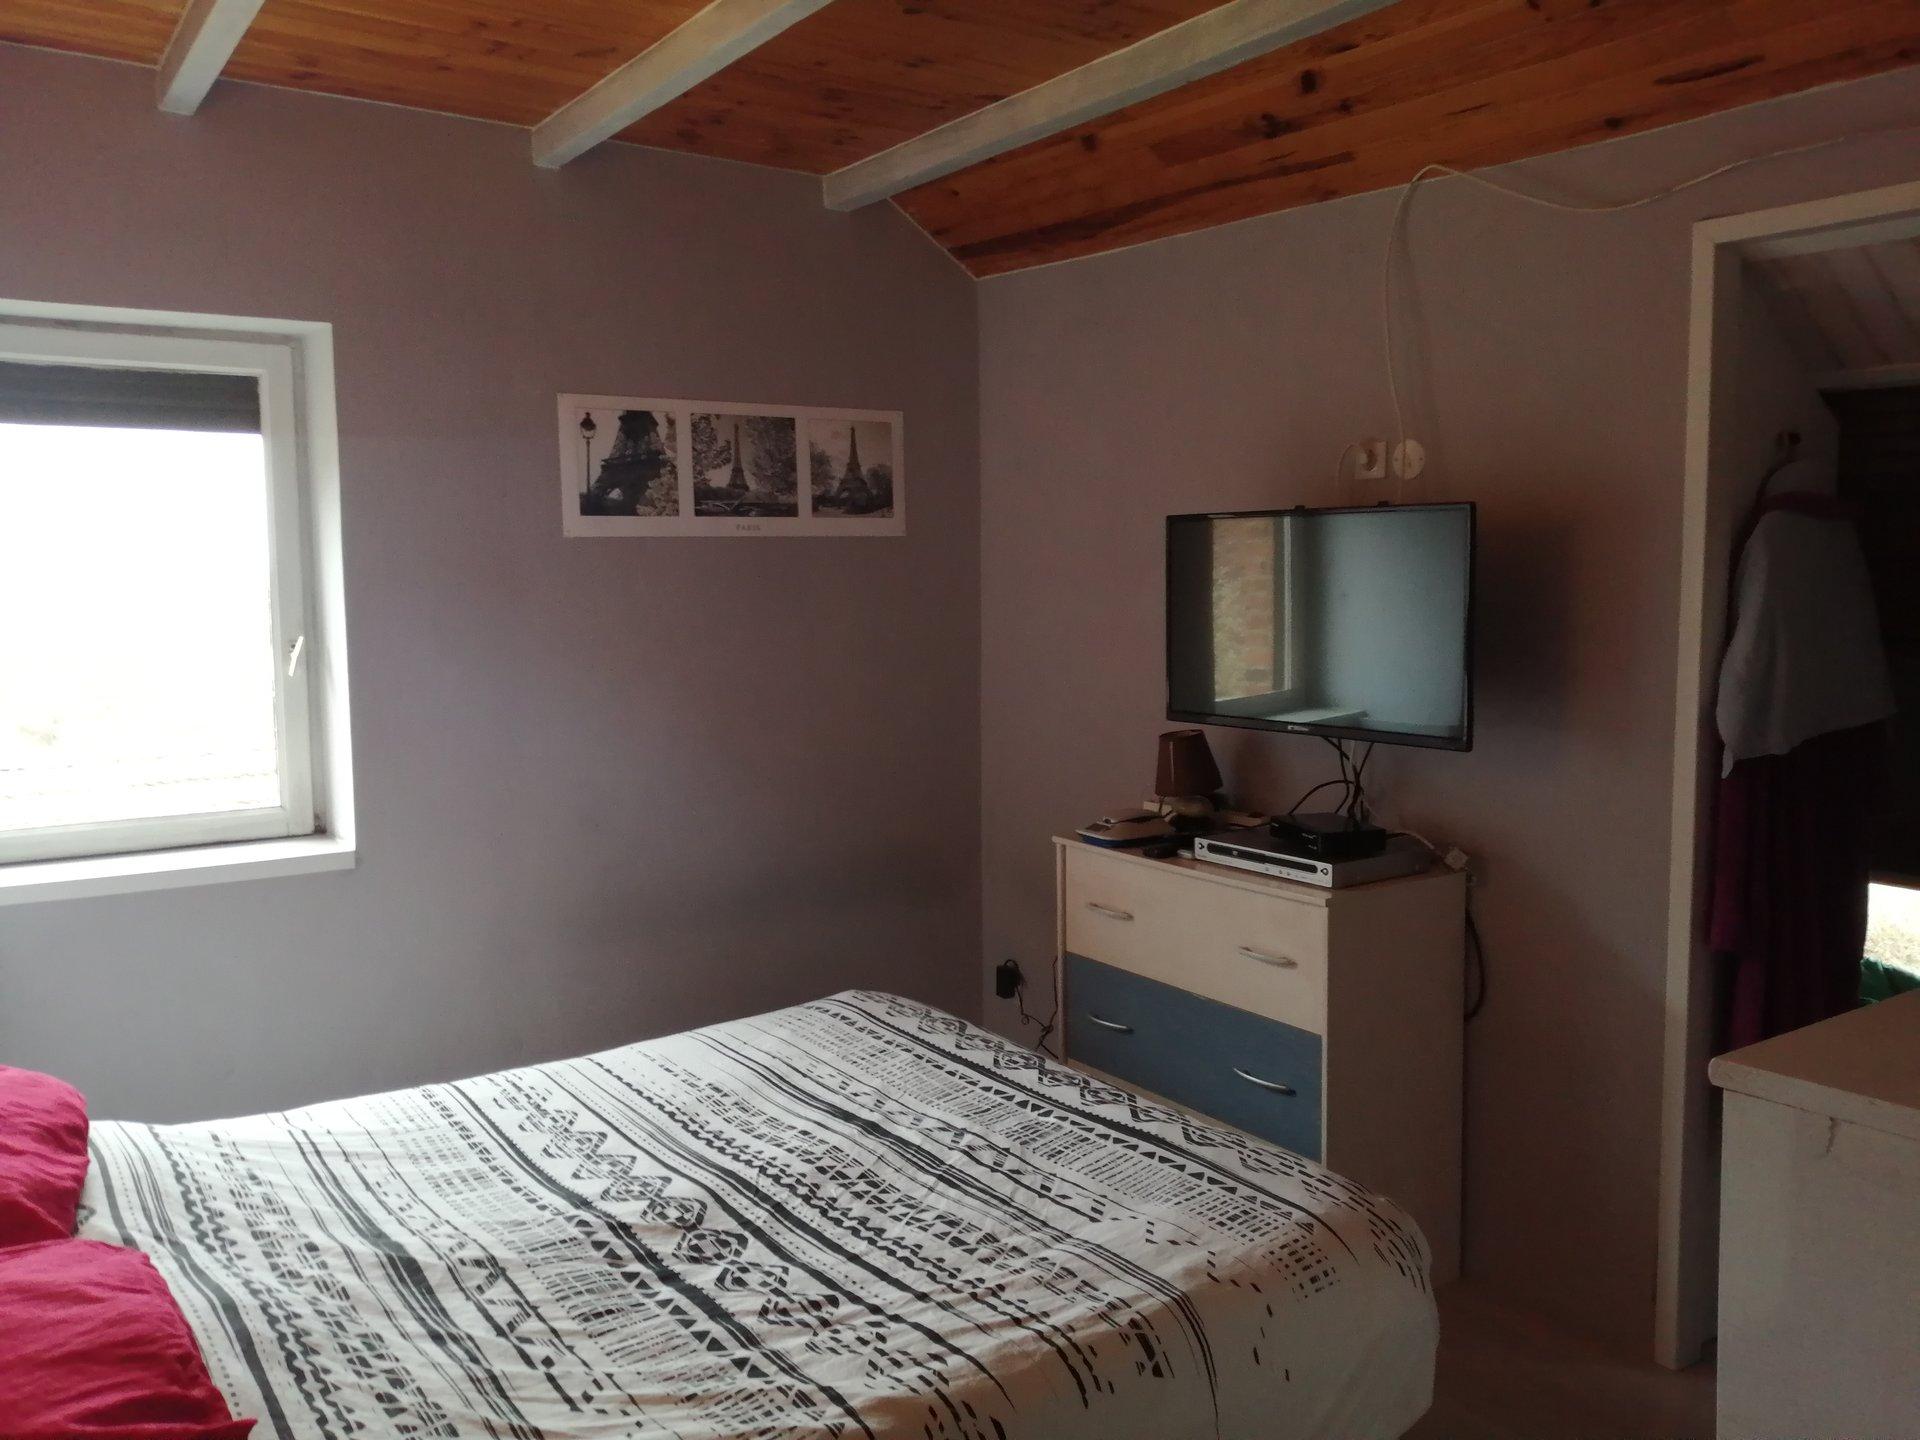 5954CSM - Maison Bourbonnaise, au calme